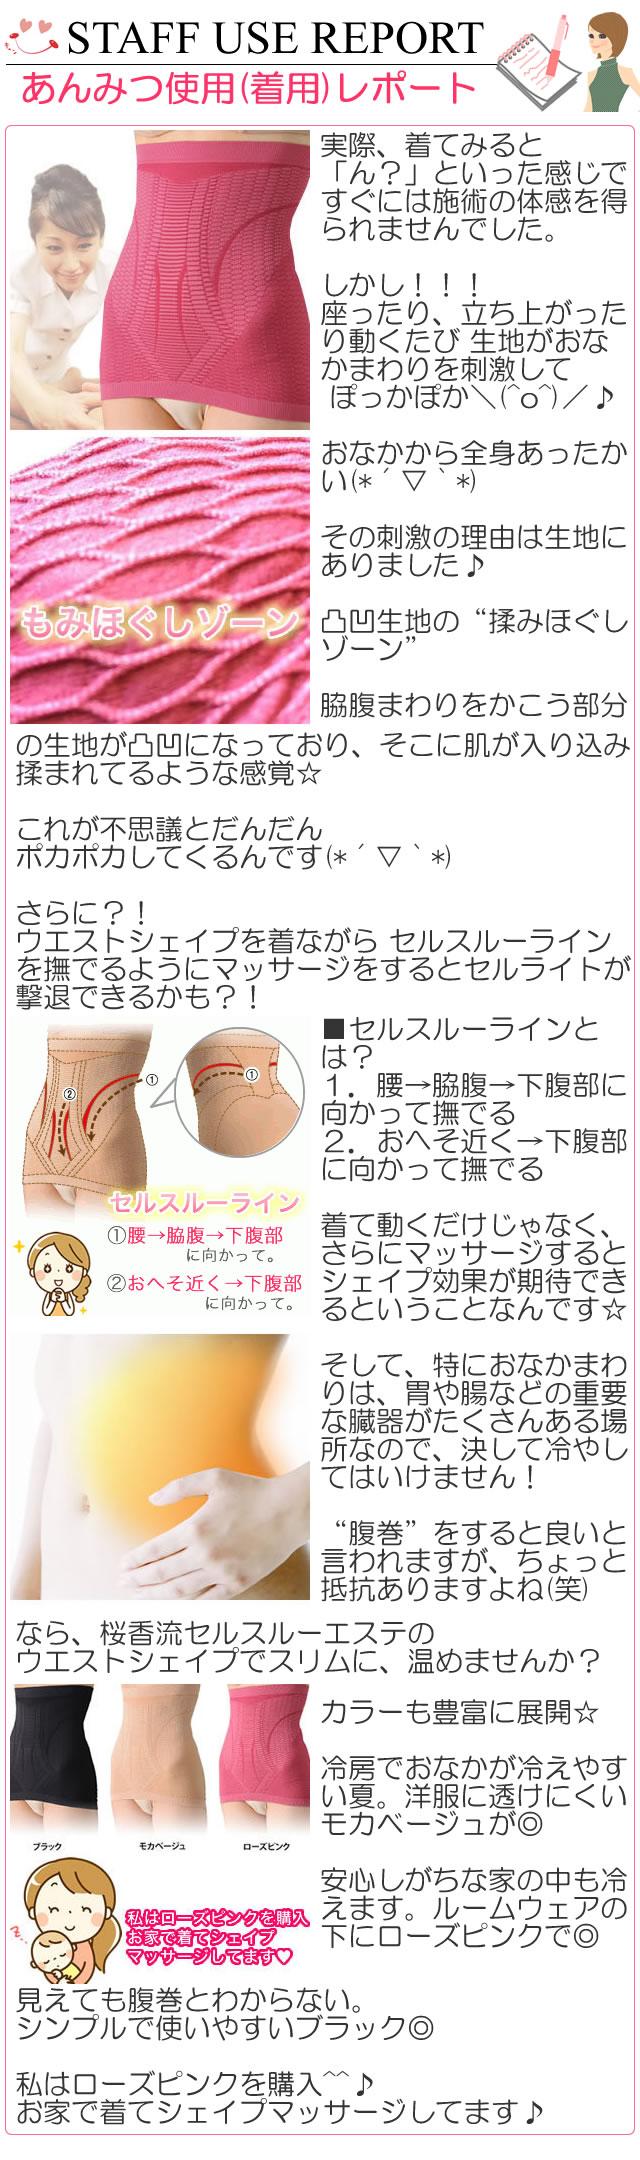 桜香純子の桜香流セルスルーエステ ウエストシェイプの着用レポート